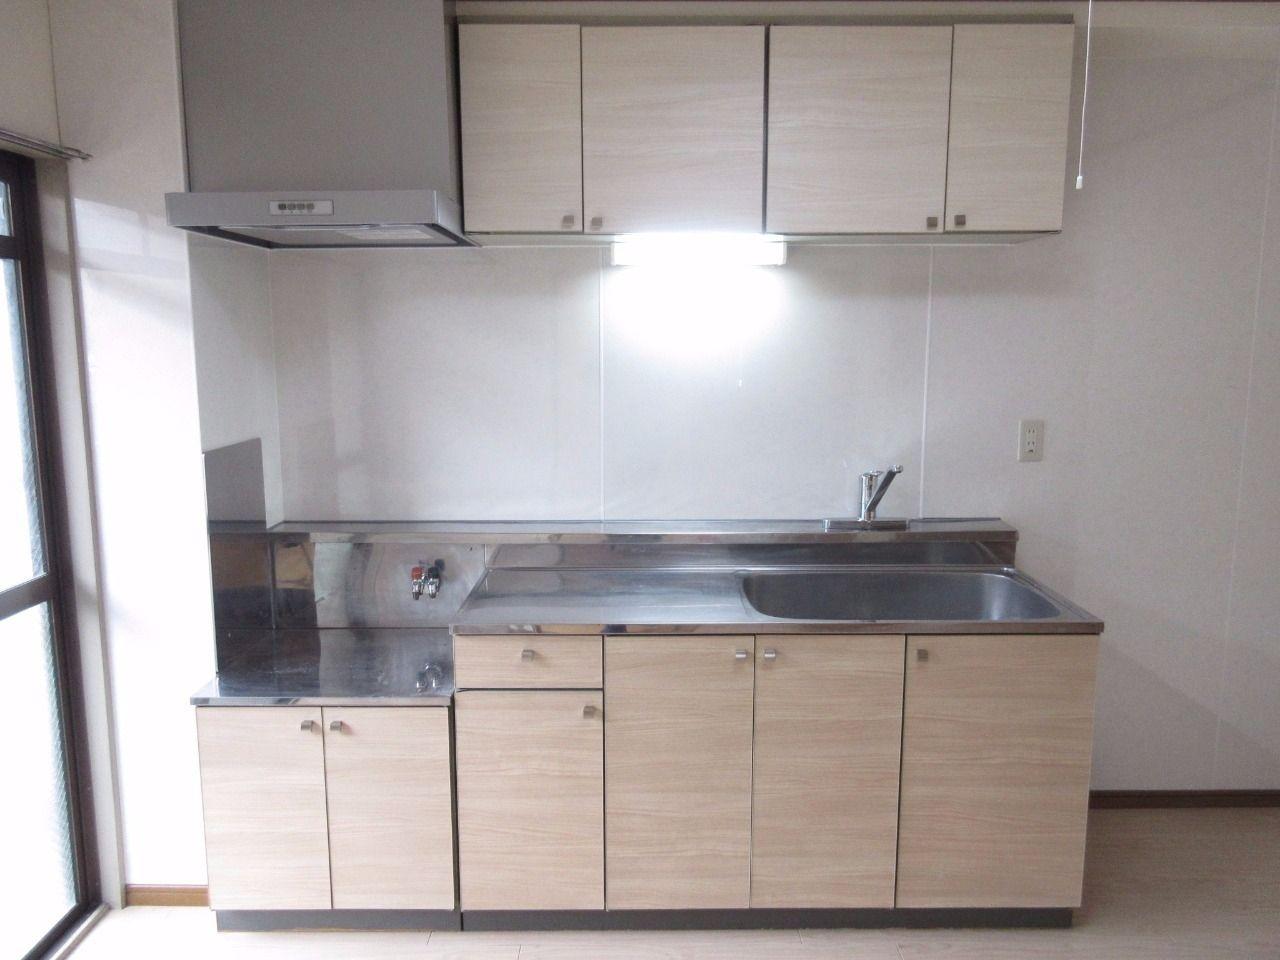 上下で収納扉の色を変え、一般的なキッチンと印象を変えました。